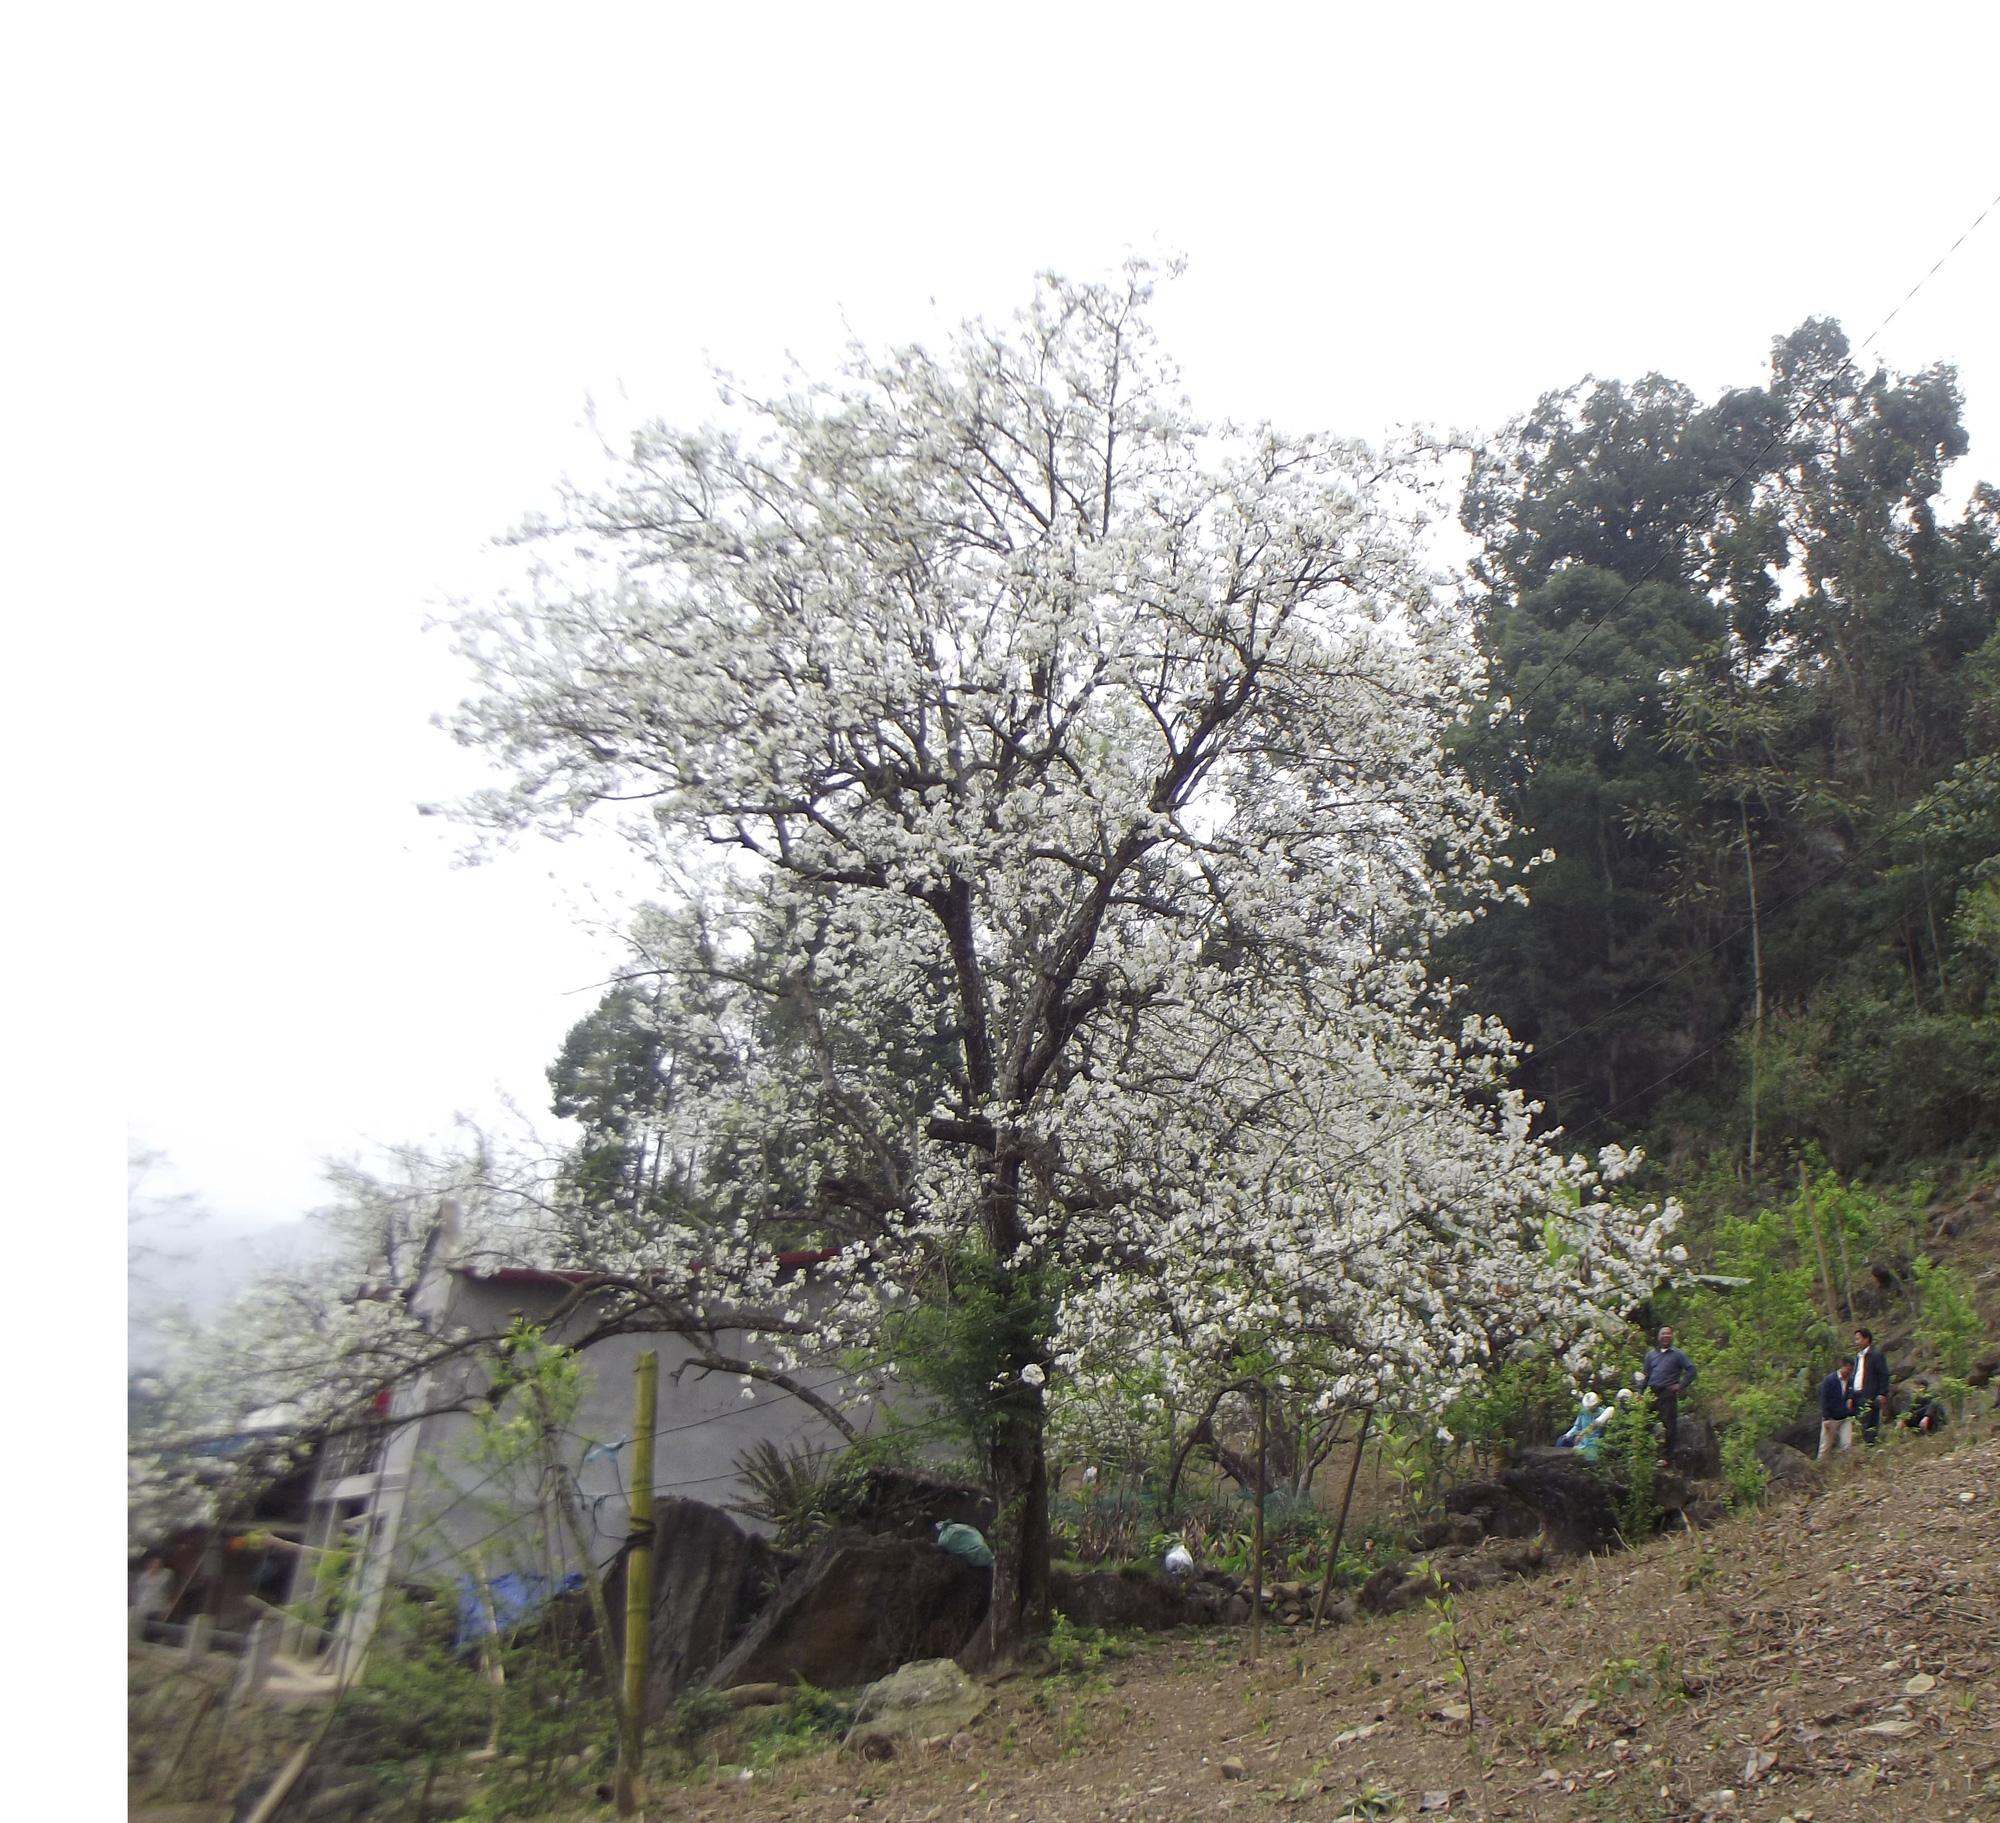 Lào Cai: Du khách đổ xô đến ngắm 3 cây lê cổ thụ, mọc trắng xóa sau nhà trình tường ở Bắc Hà - Ảnh 1.